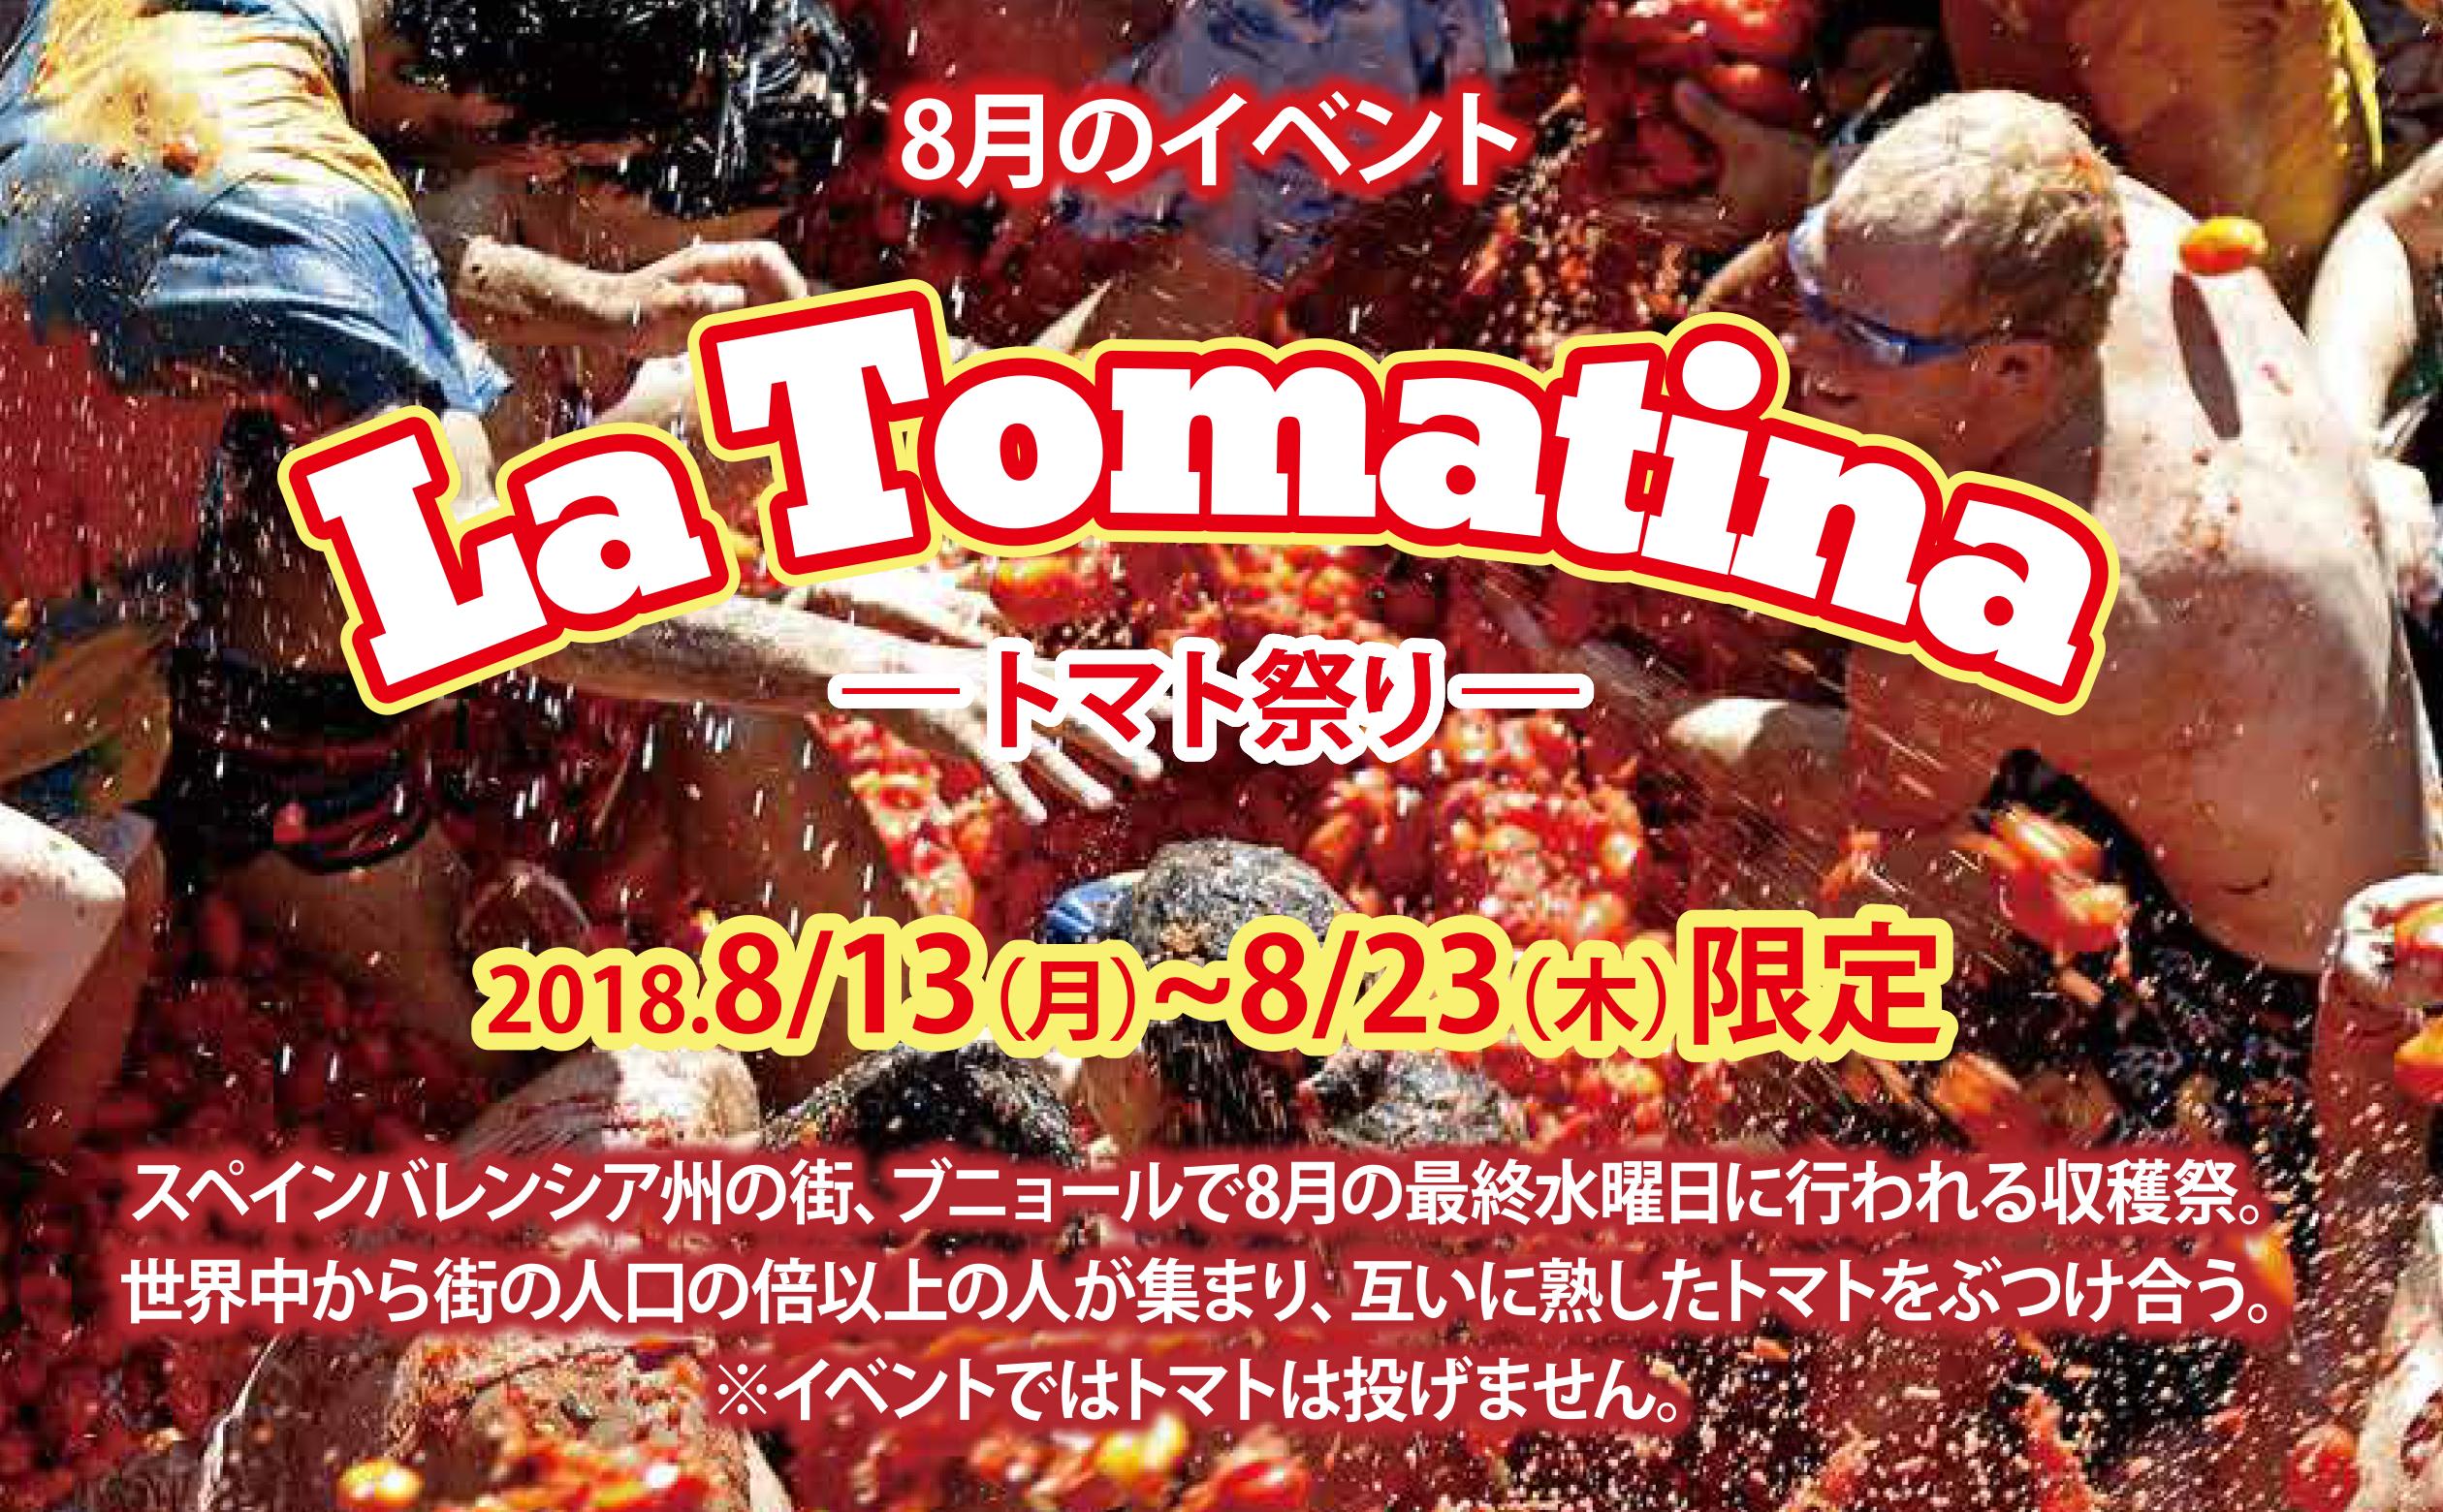 ラ・トマティーナ(トマト祭り)